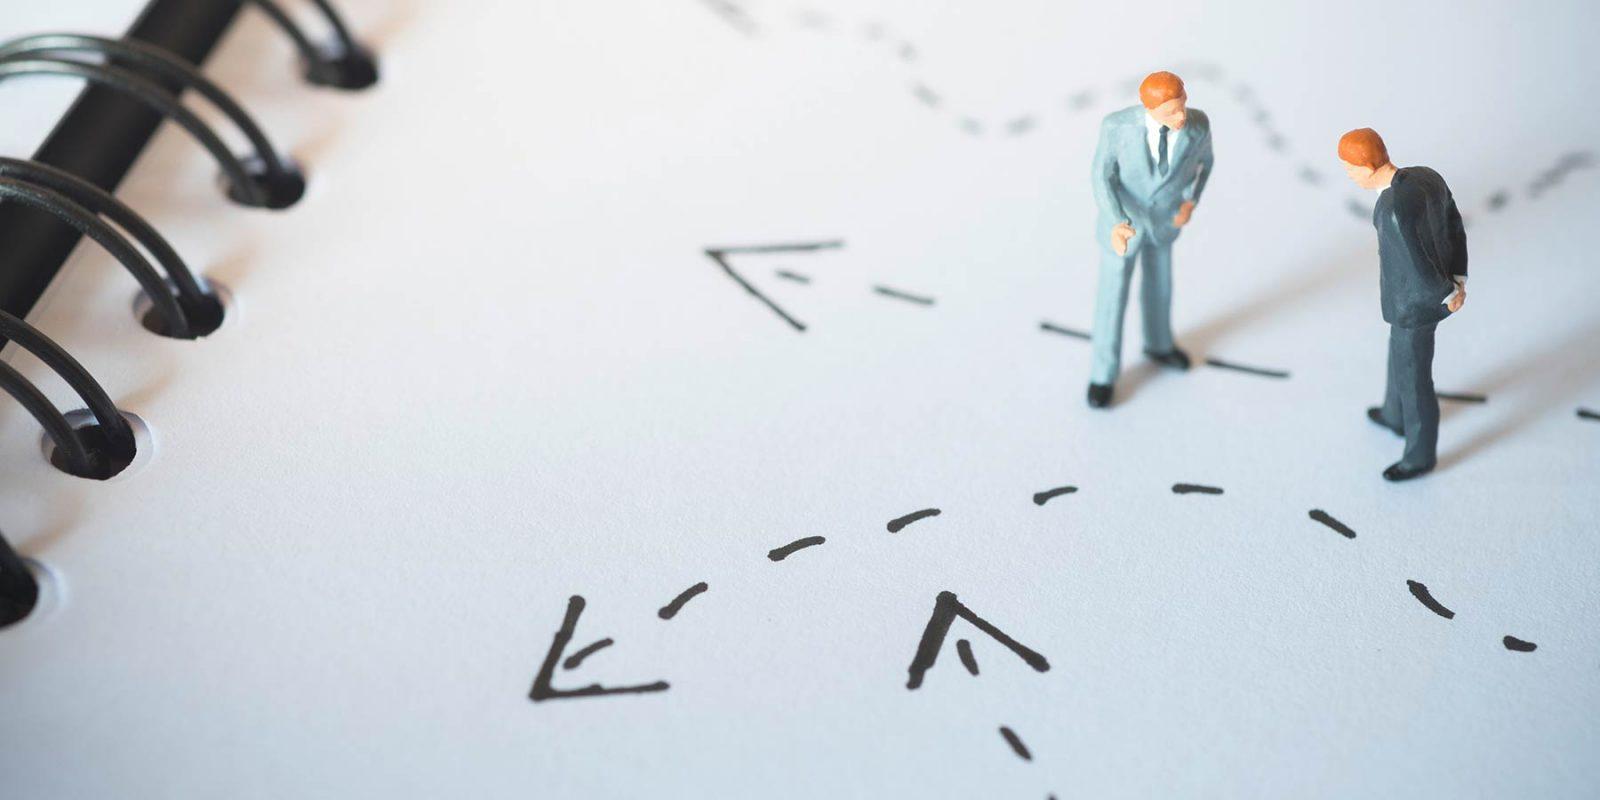 Miniaturfiguren auf einem Notizblock platziert (Konzeptfoto Entscheidungshilfe)